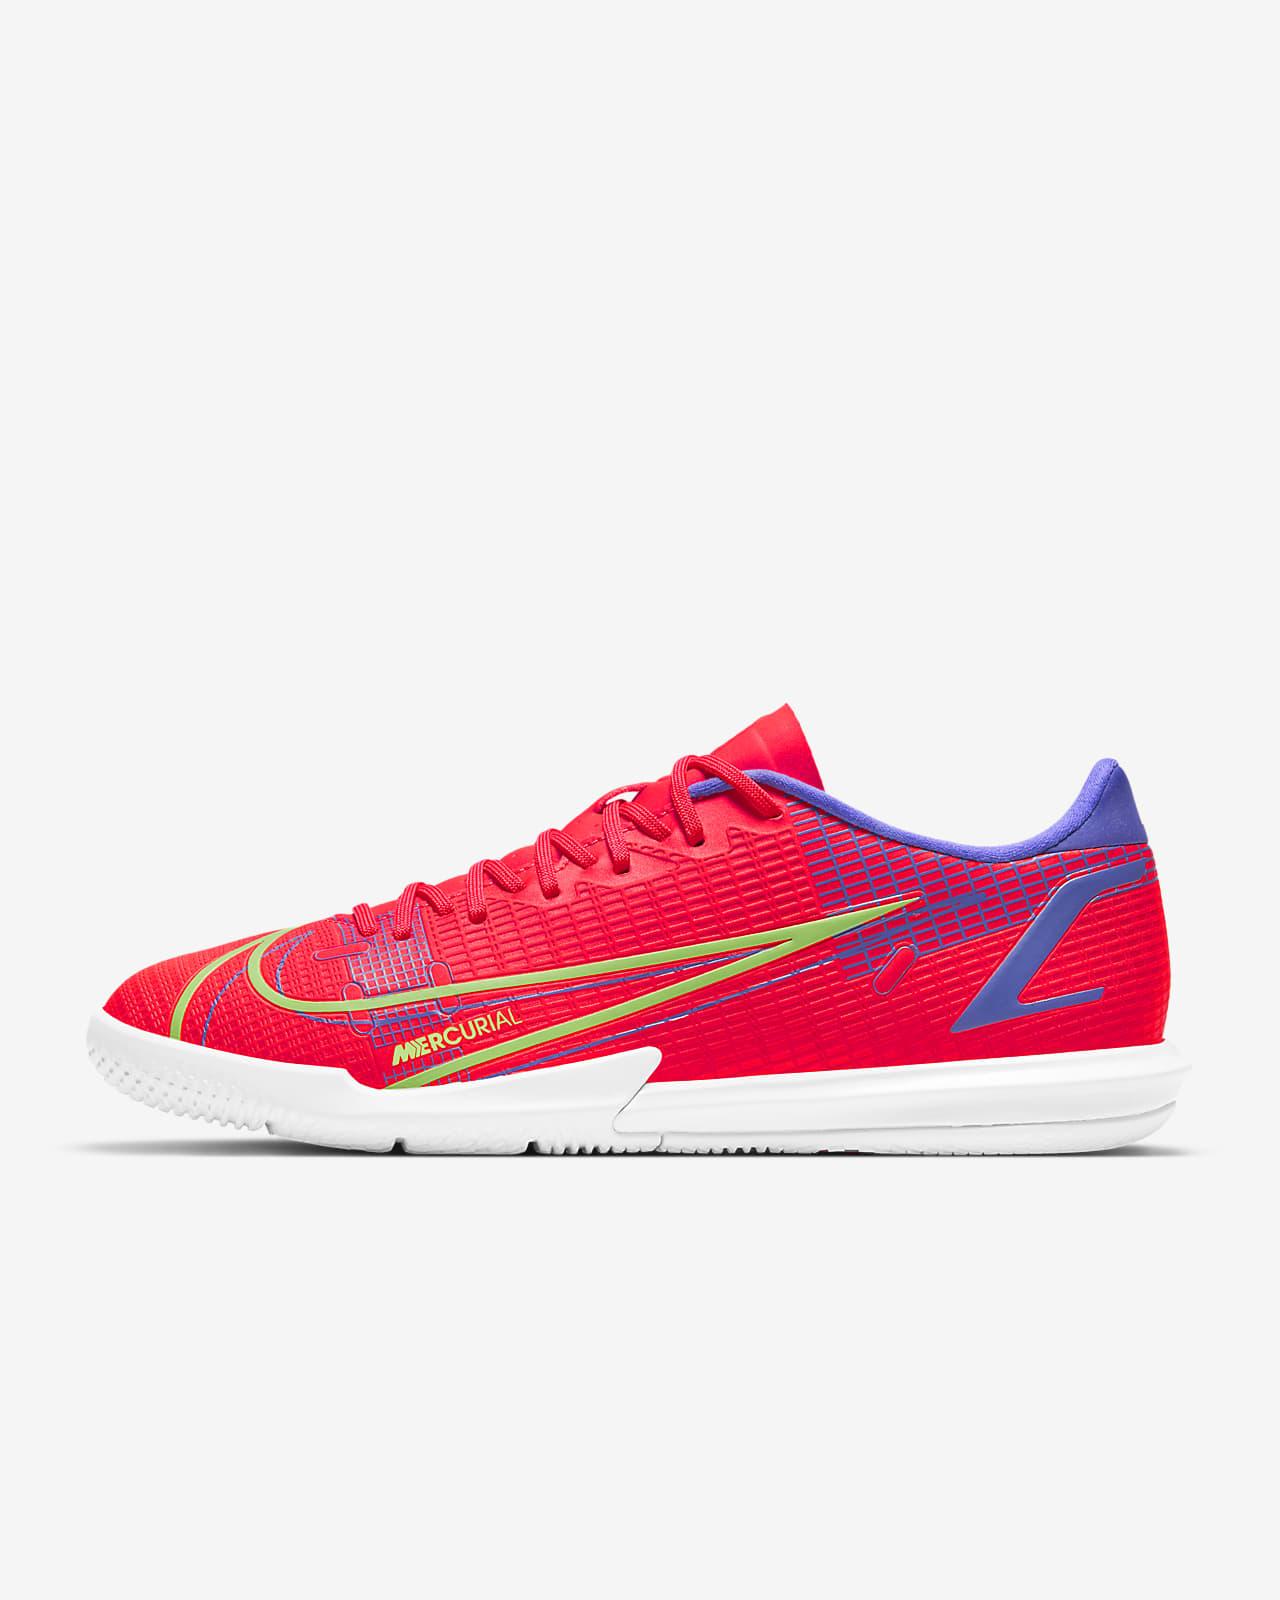 Nike Mercurial Vapor 14 Academy IC Indoor Court Football Shoe